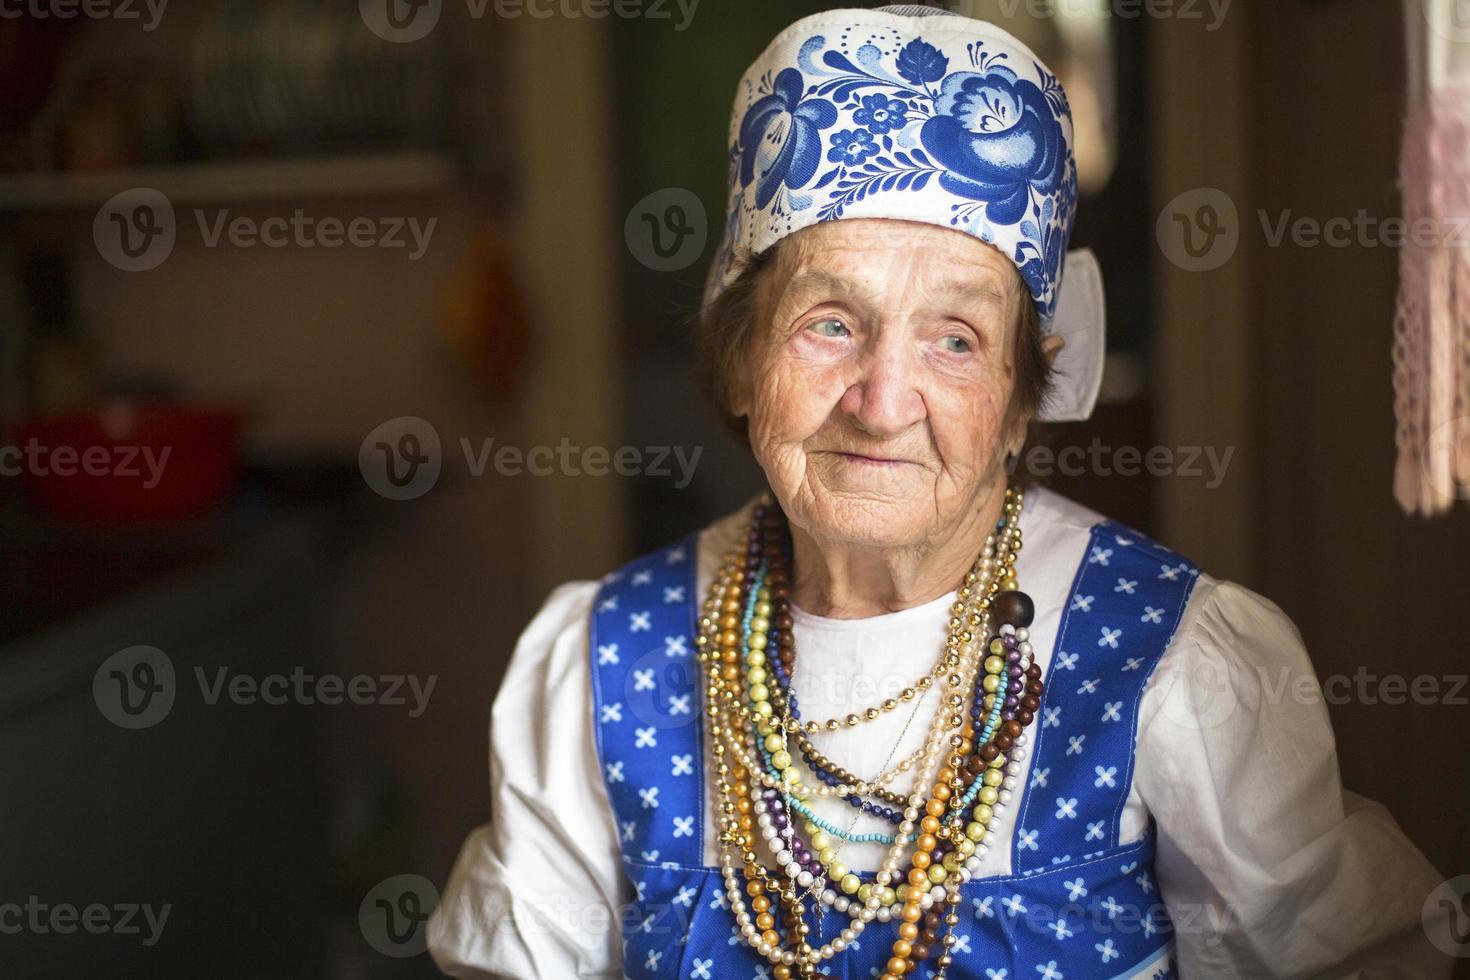 velha em roupas étnicas em sua casa. foto